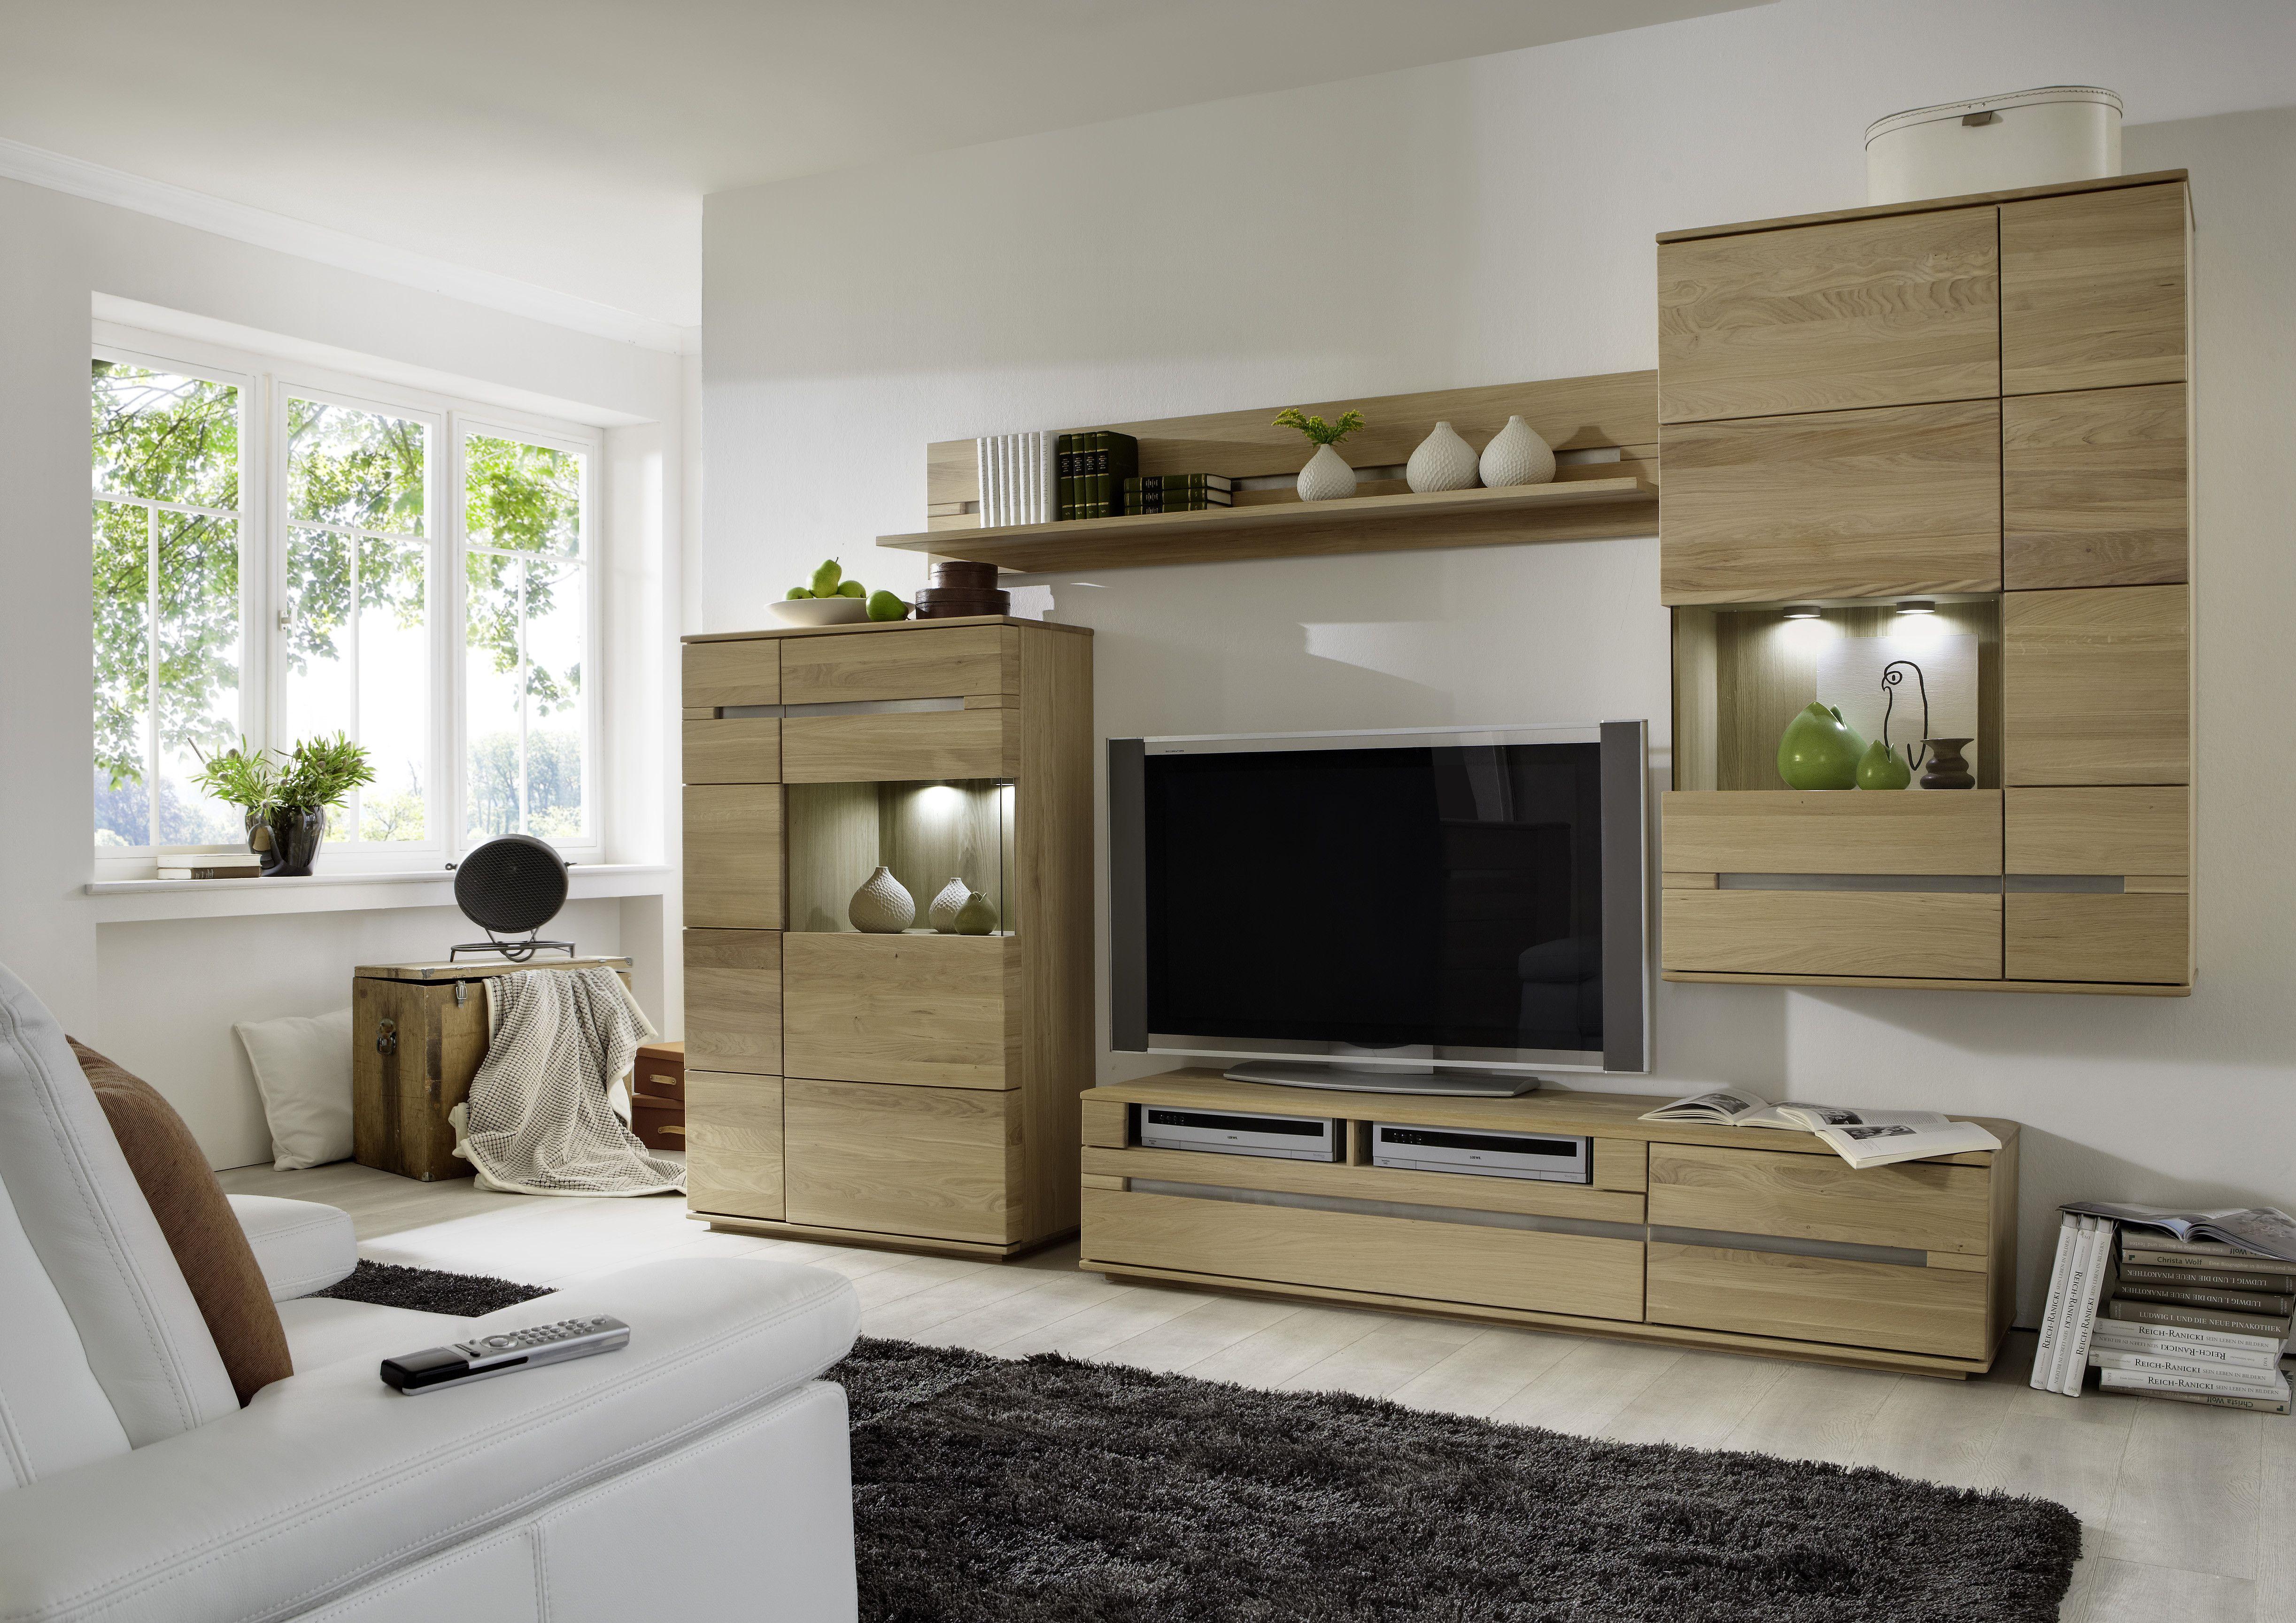 Wohnwand Eiche Bianco Lamelle Geölt Teilmassiv Woody 97 00093 Furnier  Modern Jetzt Bestellen Unter: